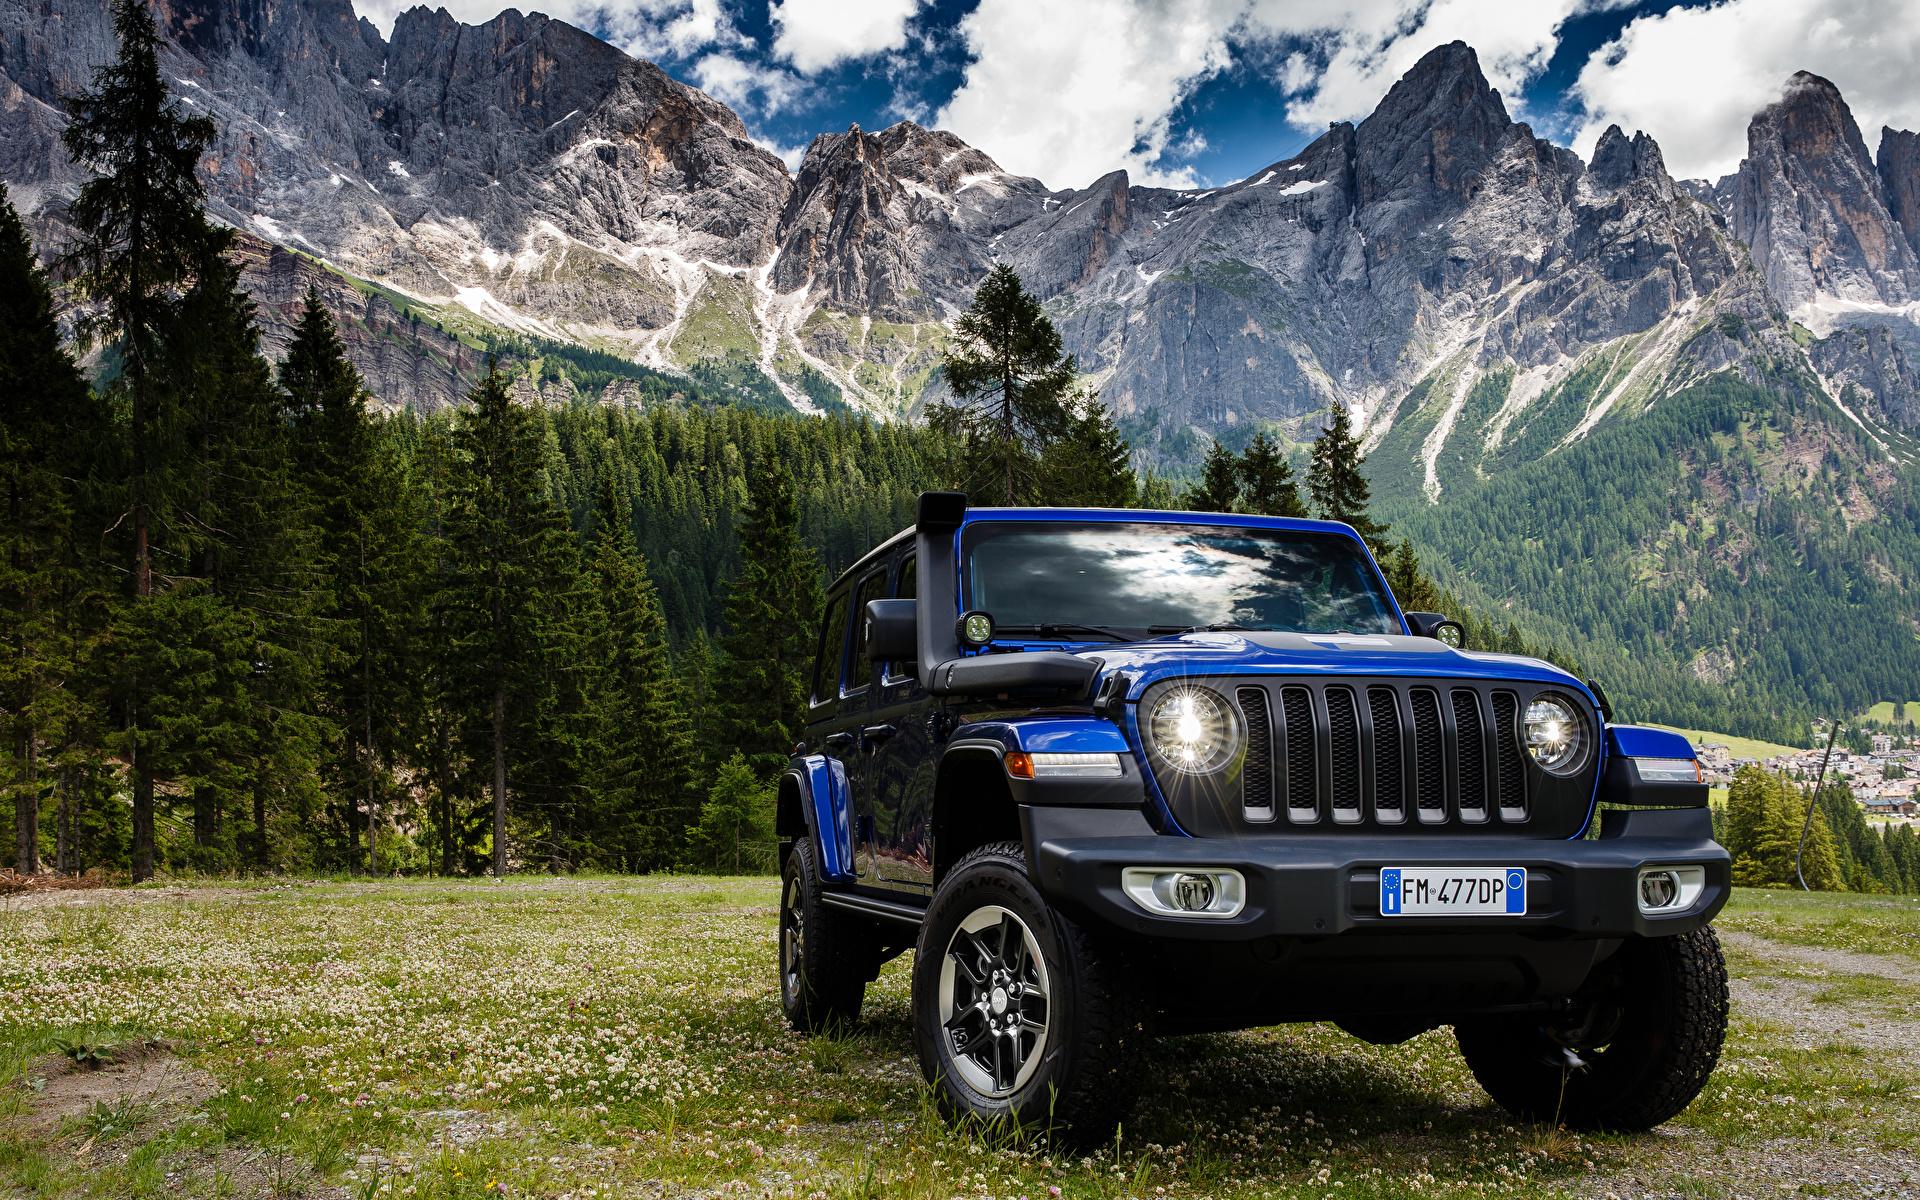 Обои для рабочего стола Jeep SUV 2019 Wrangler Unlimited Sahara 1941 by Mopar синих Автомобили 1920x1200 Джип Внедорожник синяя синие Синий авто машины машина автомобиль